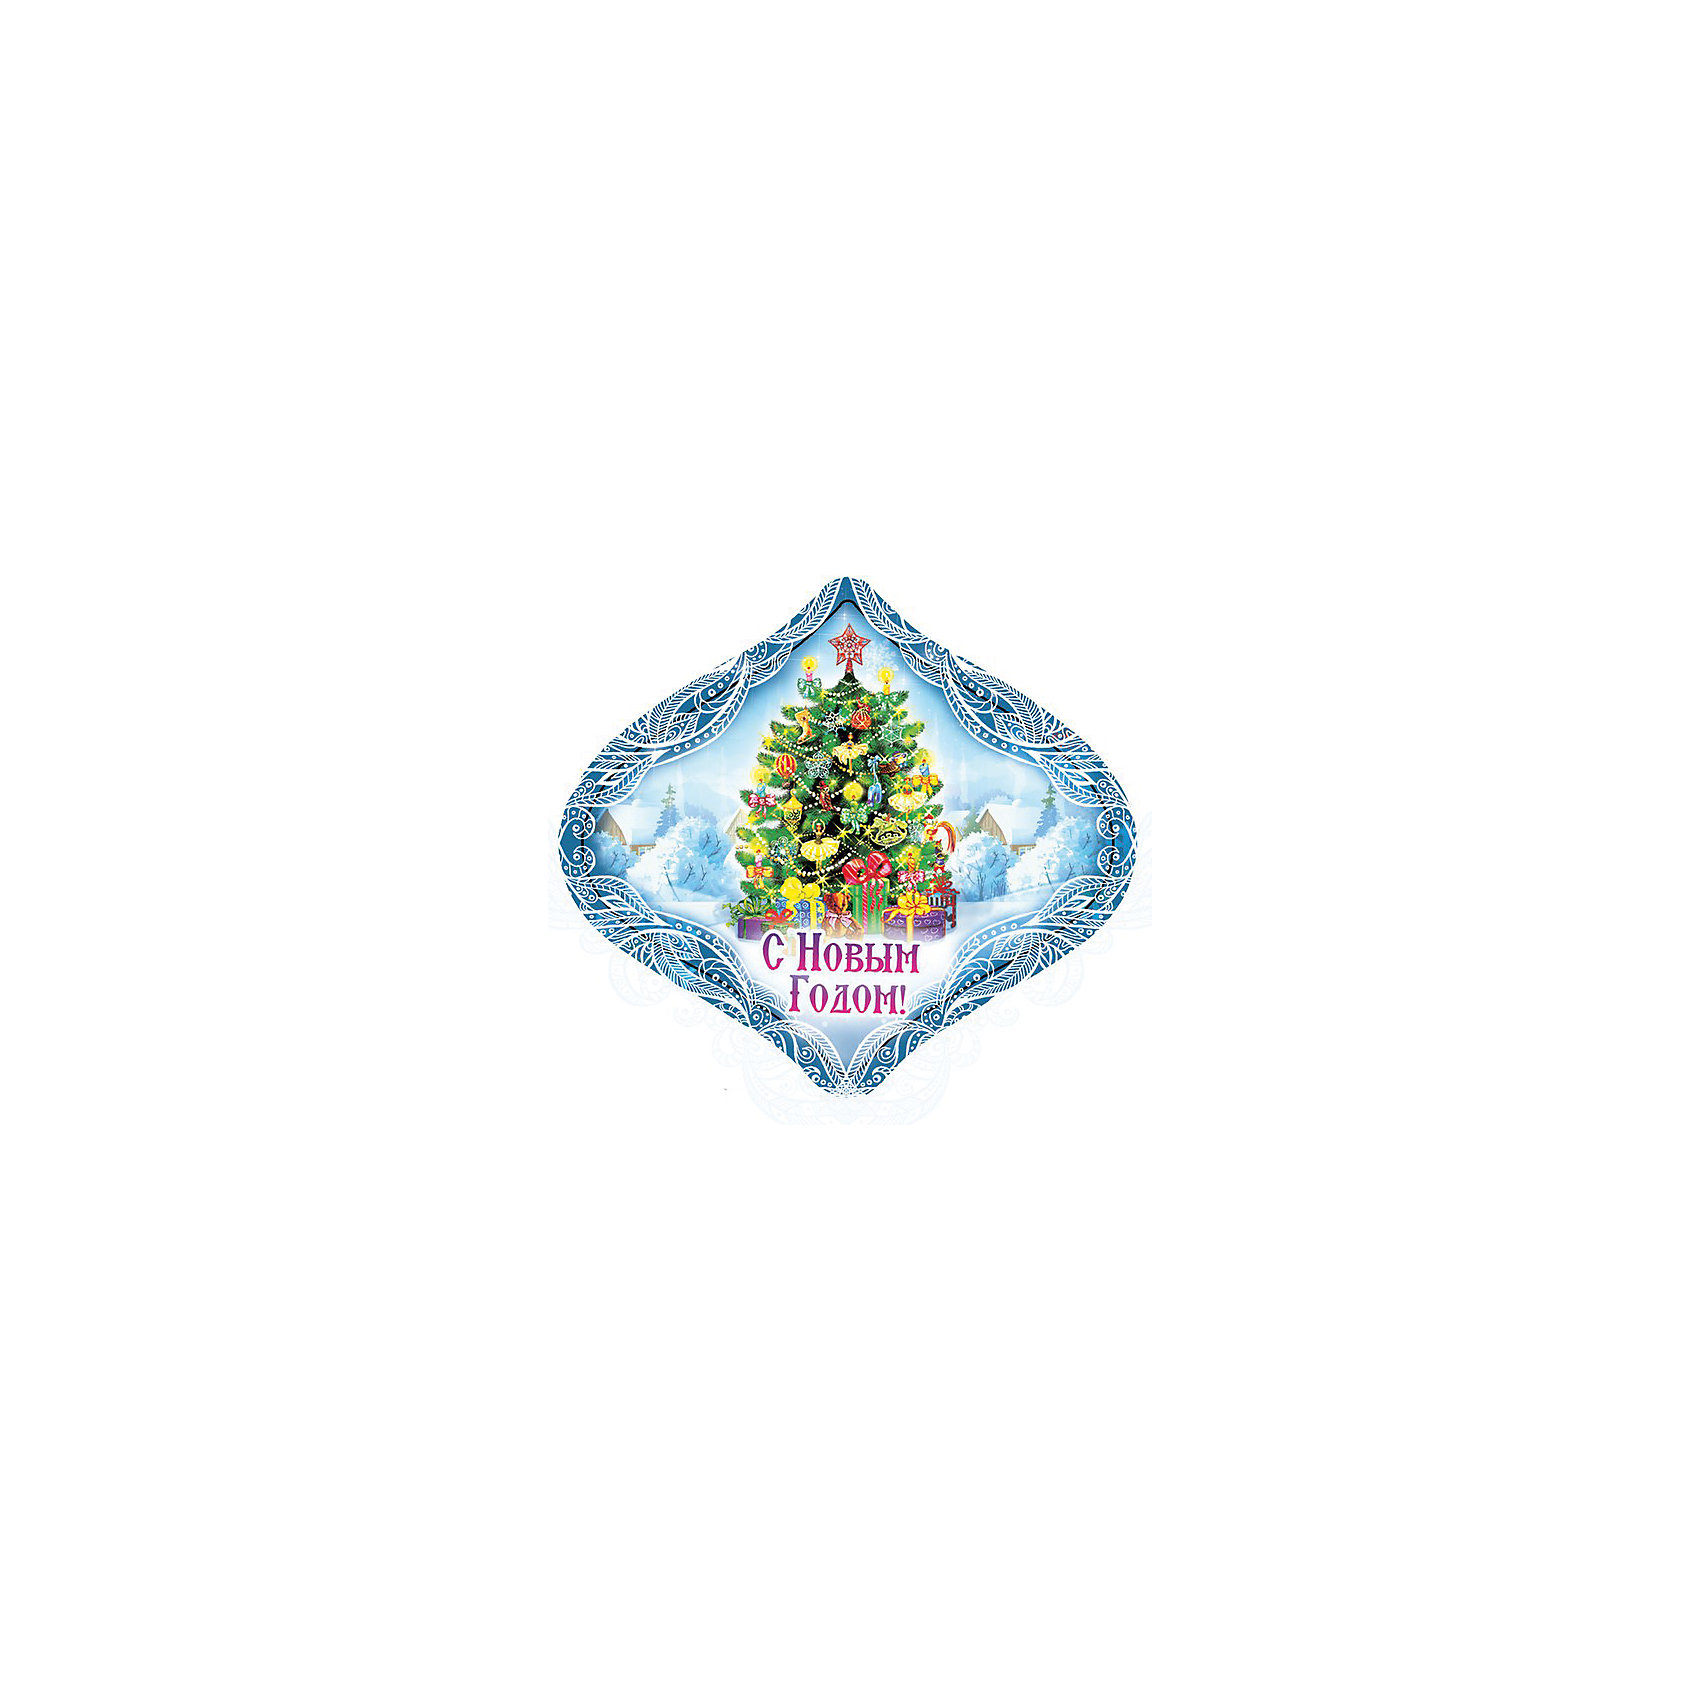 Магнит Пушистая ёлочкаВсё для праздника<br>Яркий магнит с новогодней символикой - прекрасный вариант для праздничного сувенира. Магнит можно прикрепить на любую металлическую поверхность, он всегда будет радовать, напоминая о веселом и таком долгожданном для всех празднике! <br><br>Дополнительная информация:<br><br>- Материал: агломерированный феррит. <br>- Размер: 6,7х6 см.<br>- Яркий привлекательный дизайн. <br><br>Новогодний магнит Пушистая ёлочка можно купить в нашем магазине.<br><br>Ширина мм: 100<br>Глубина мм: 100<br>Высота мм: 10<br>Вес г: 260<br>Возраст от месяцев: 36<br>Возраст до месяцев: 2147483647<br>Пол: Унисекс<br>Возраст: Детский<br>SKU: 4981321